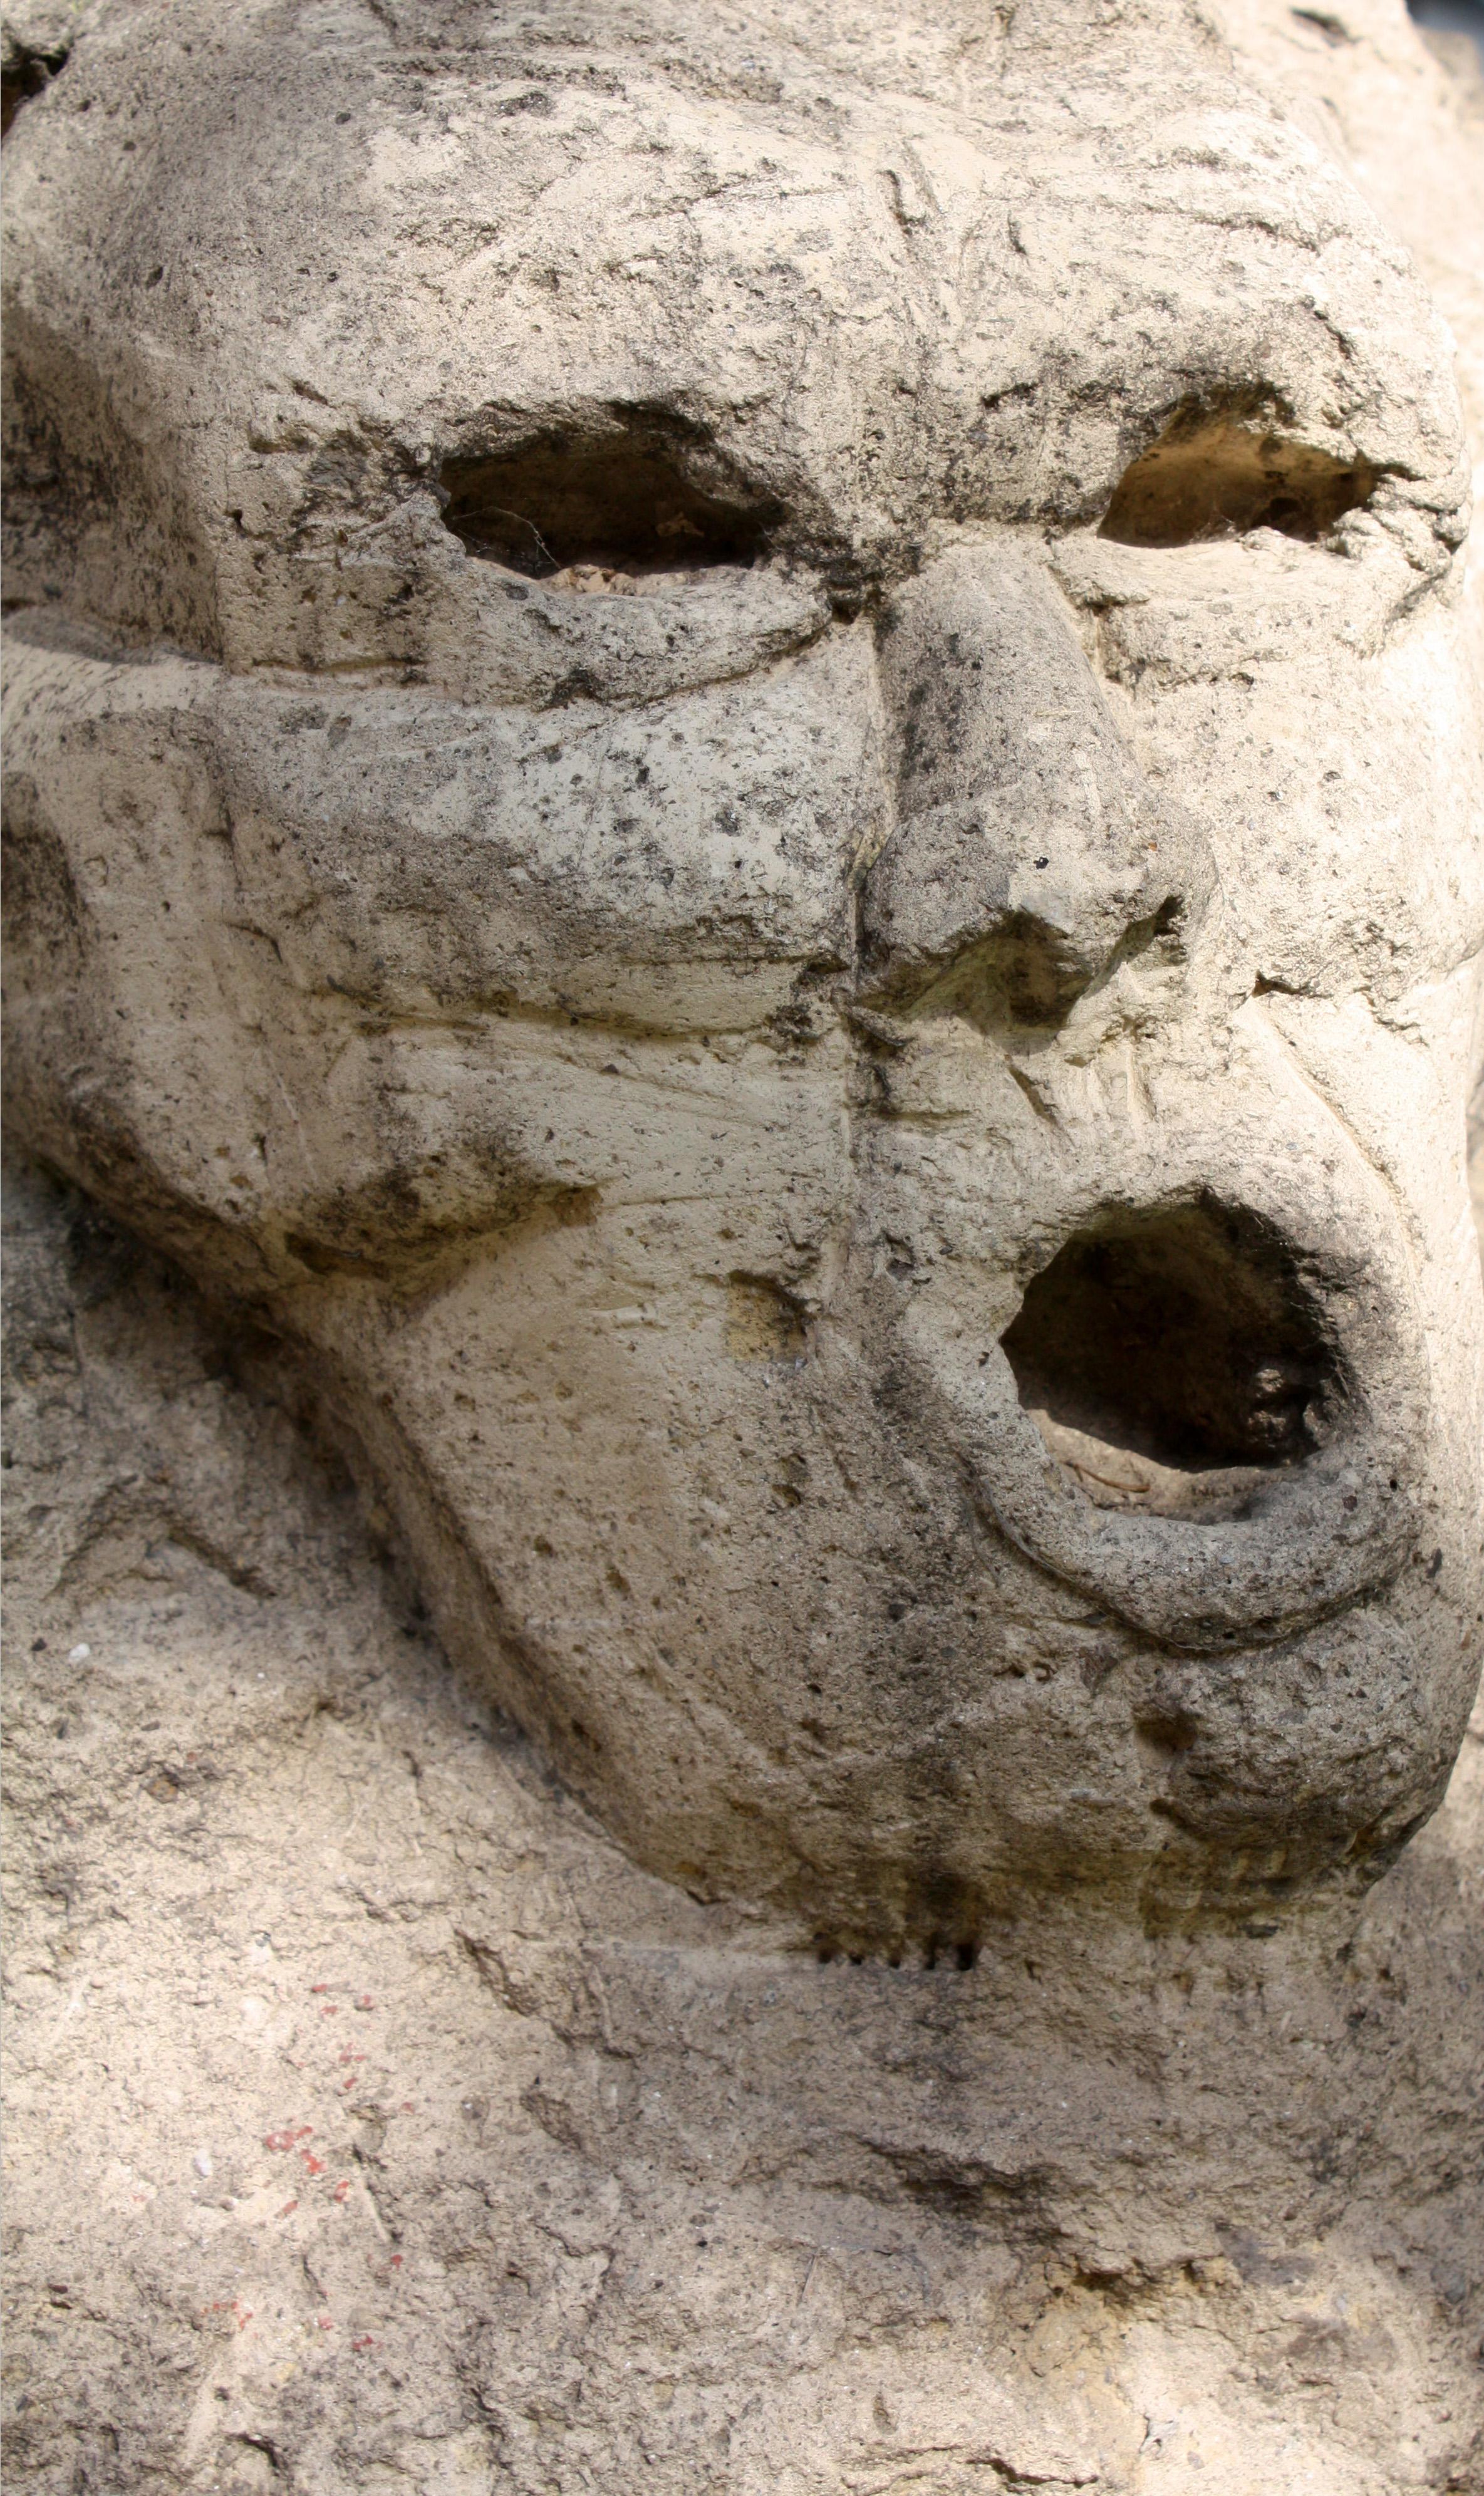 File:Der-Stein-des-Anstoßes.JPG - Wikimedia Commons